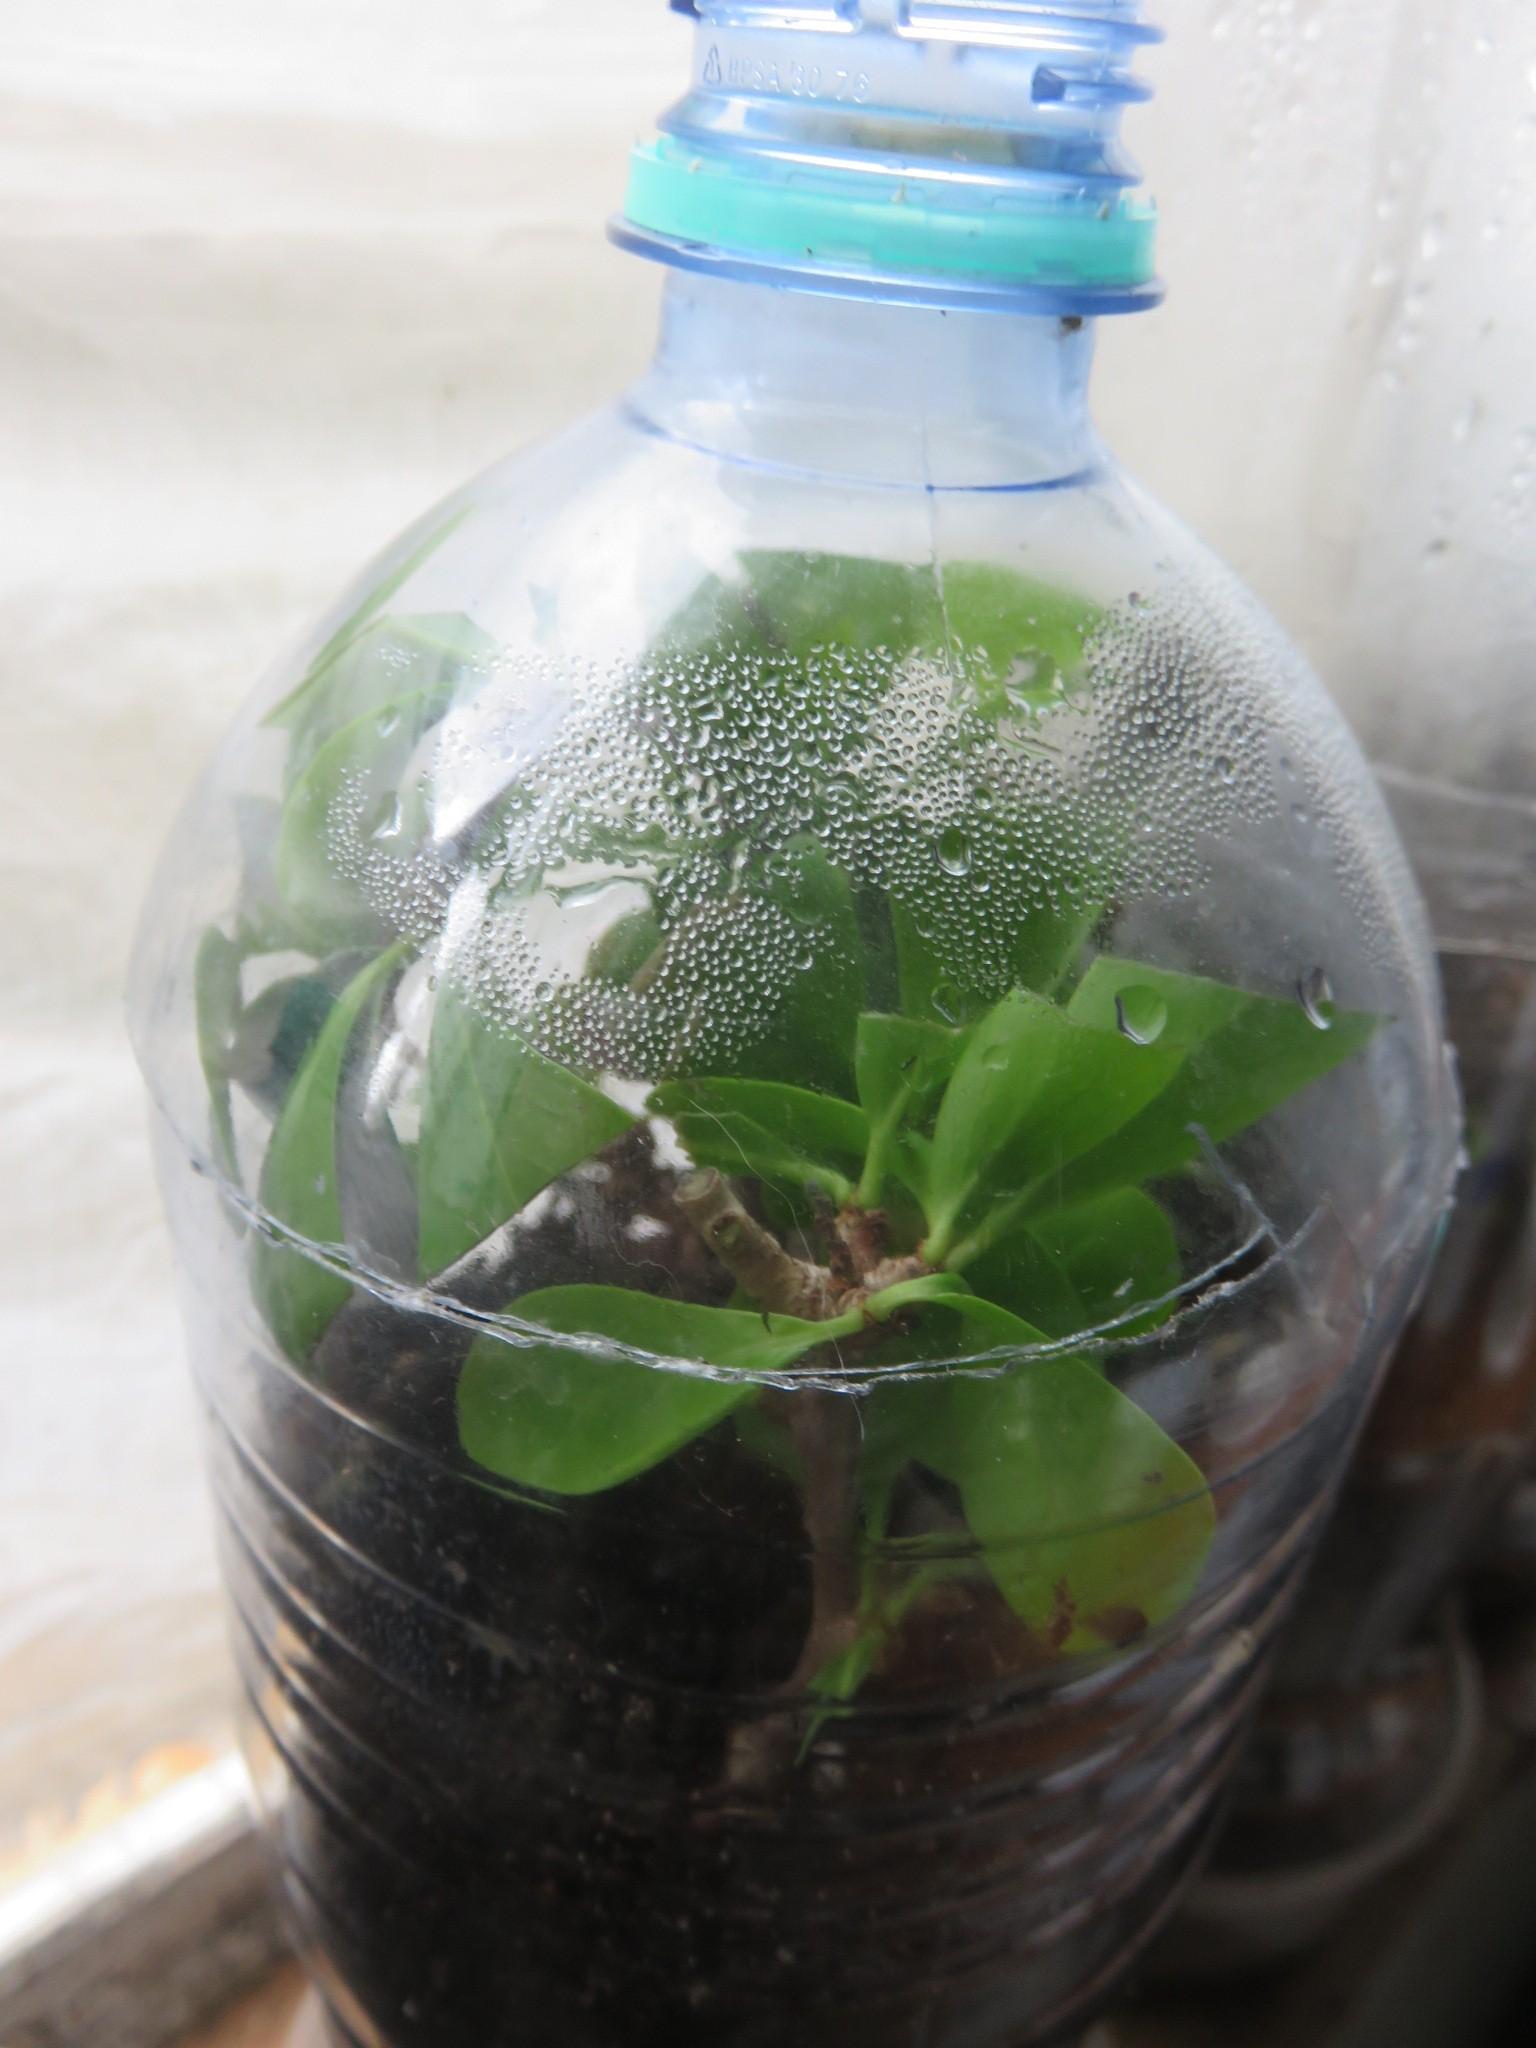 Trying to propagate cuttings in a mini terrarium